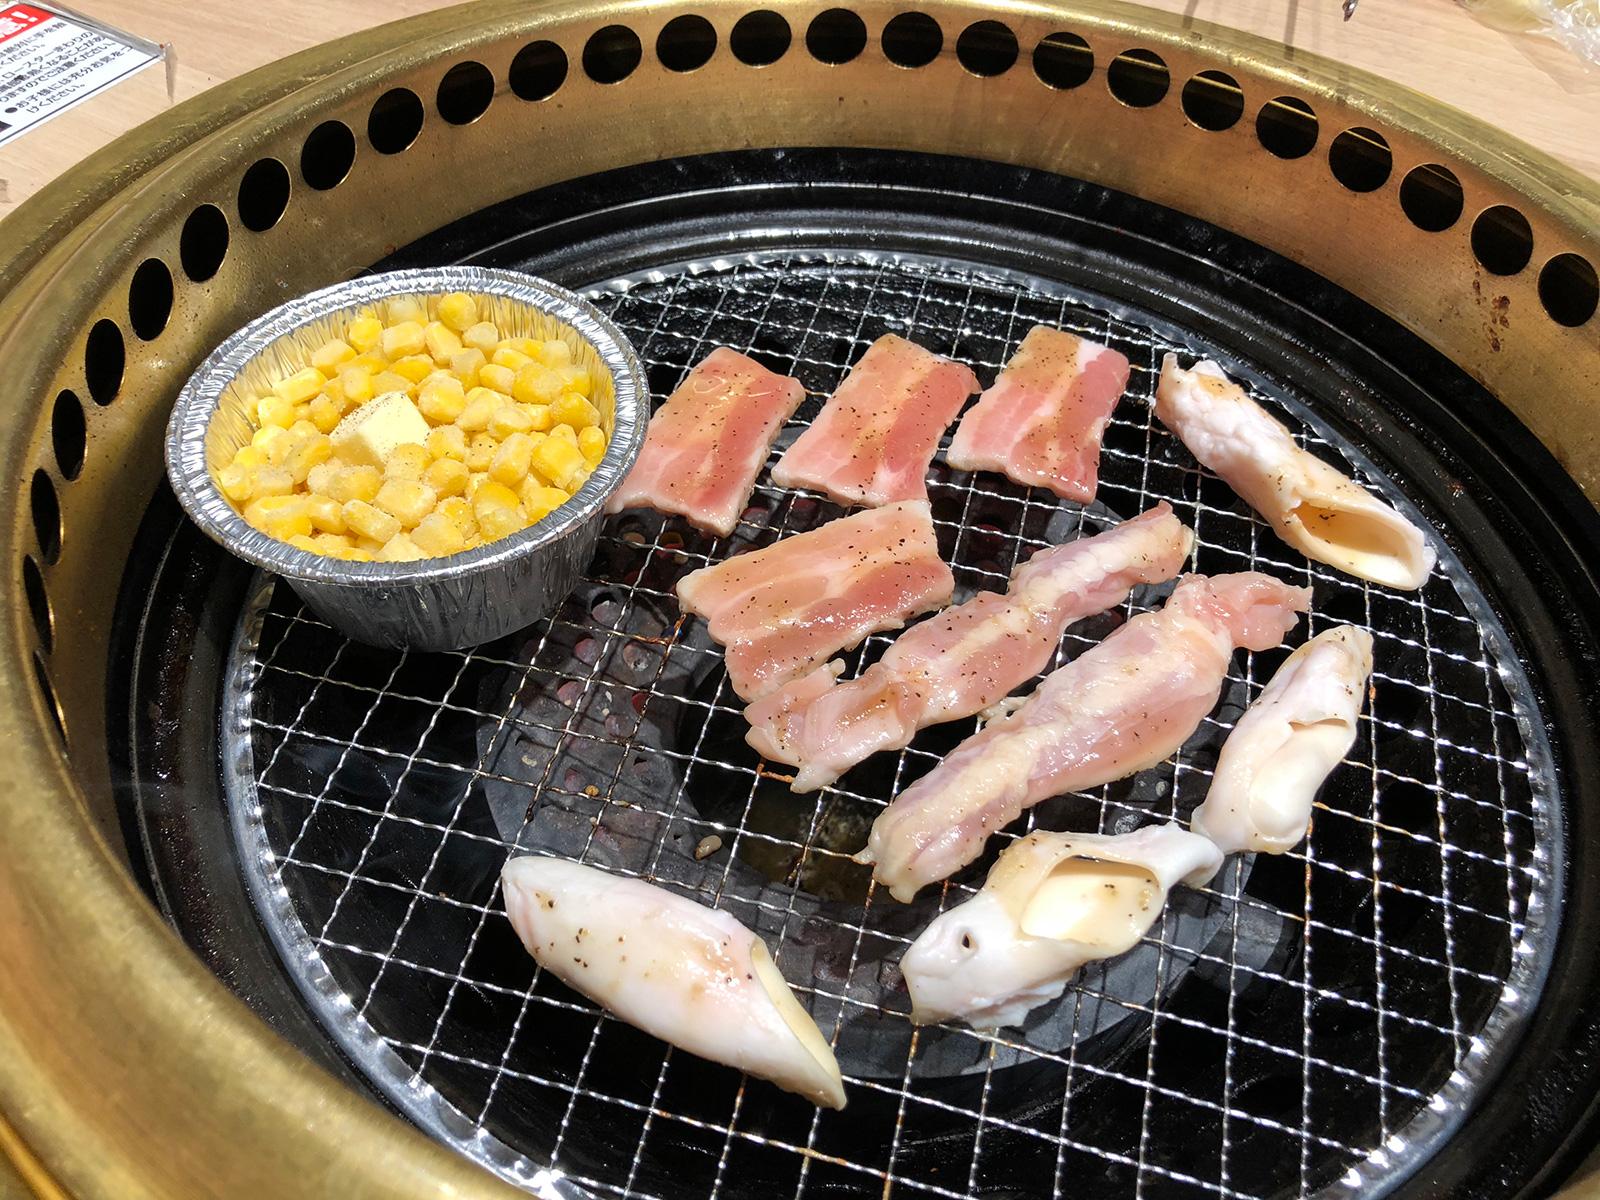 「がんこ炎 清須店」の焼肉食べ放題コース @新川